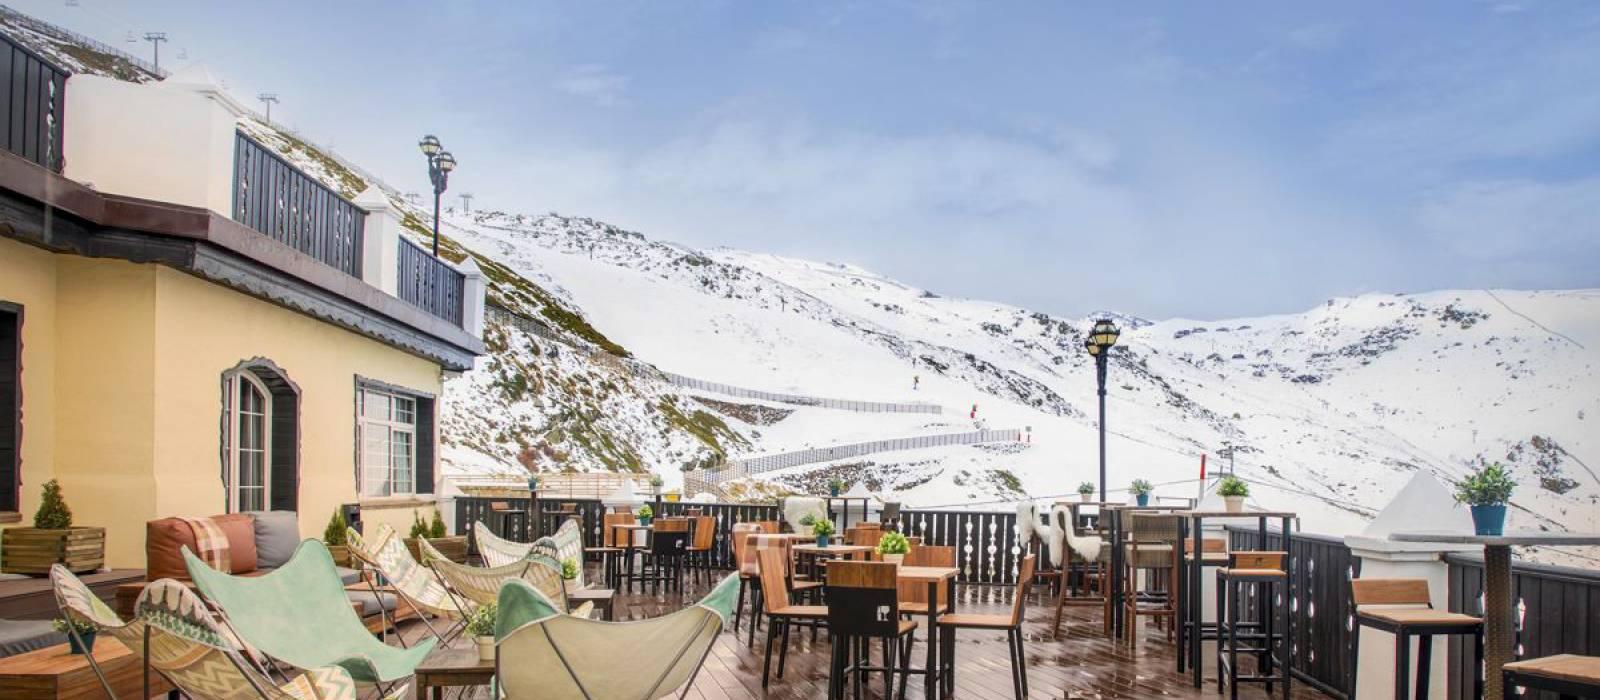 Oferta -15% y 4 noches Hotel Vincci Rumaykiyya Sierra Nevada